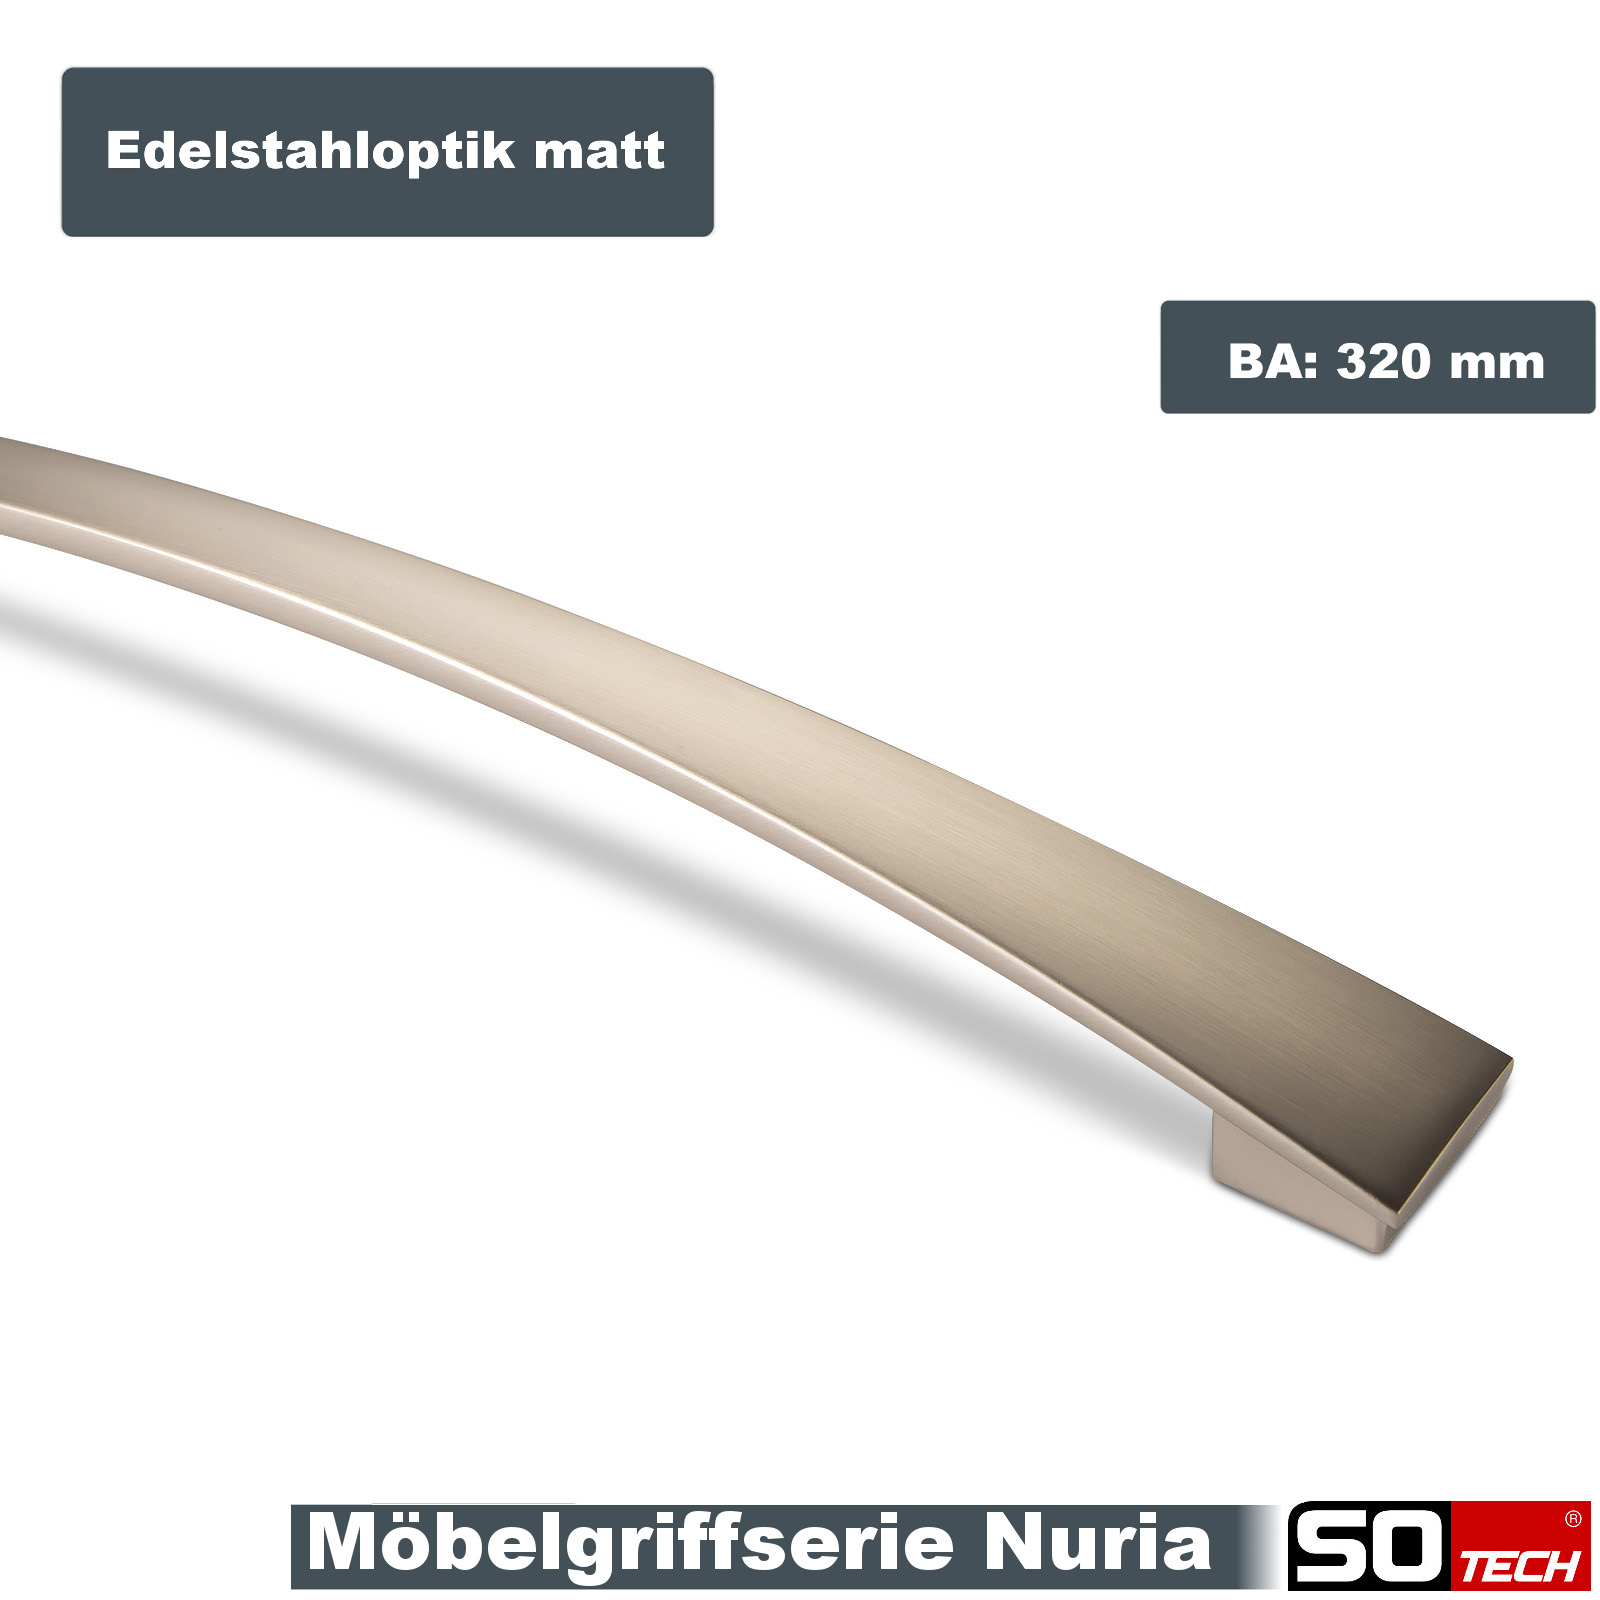 320mm chrom schwarz Möbelgriffe Küchengriffe Schrankgriffe Möbelknöpfe BA 160 o